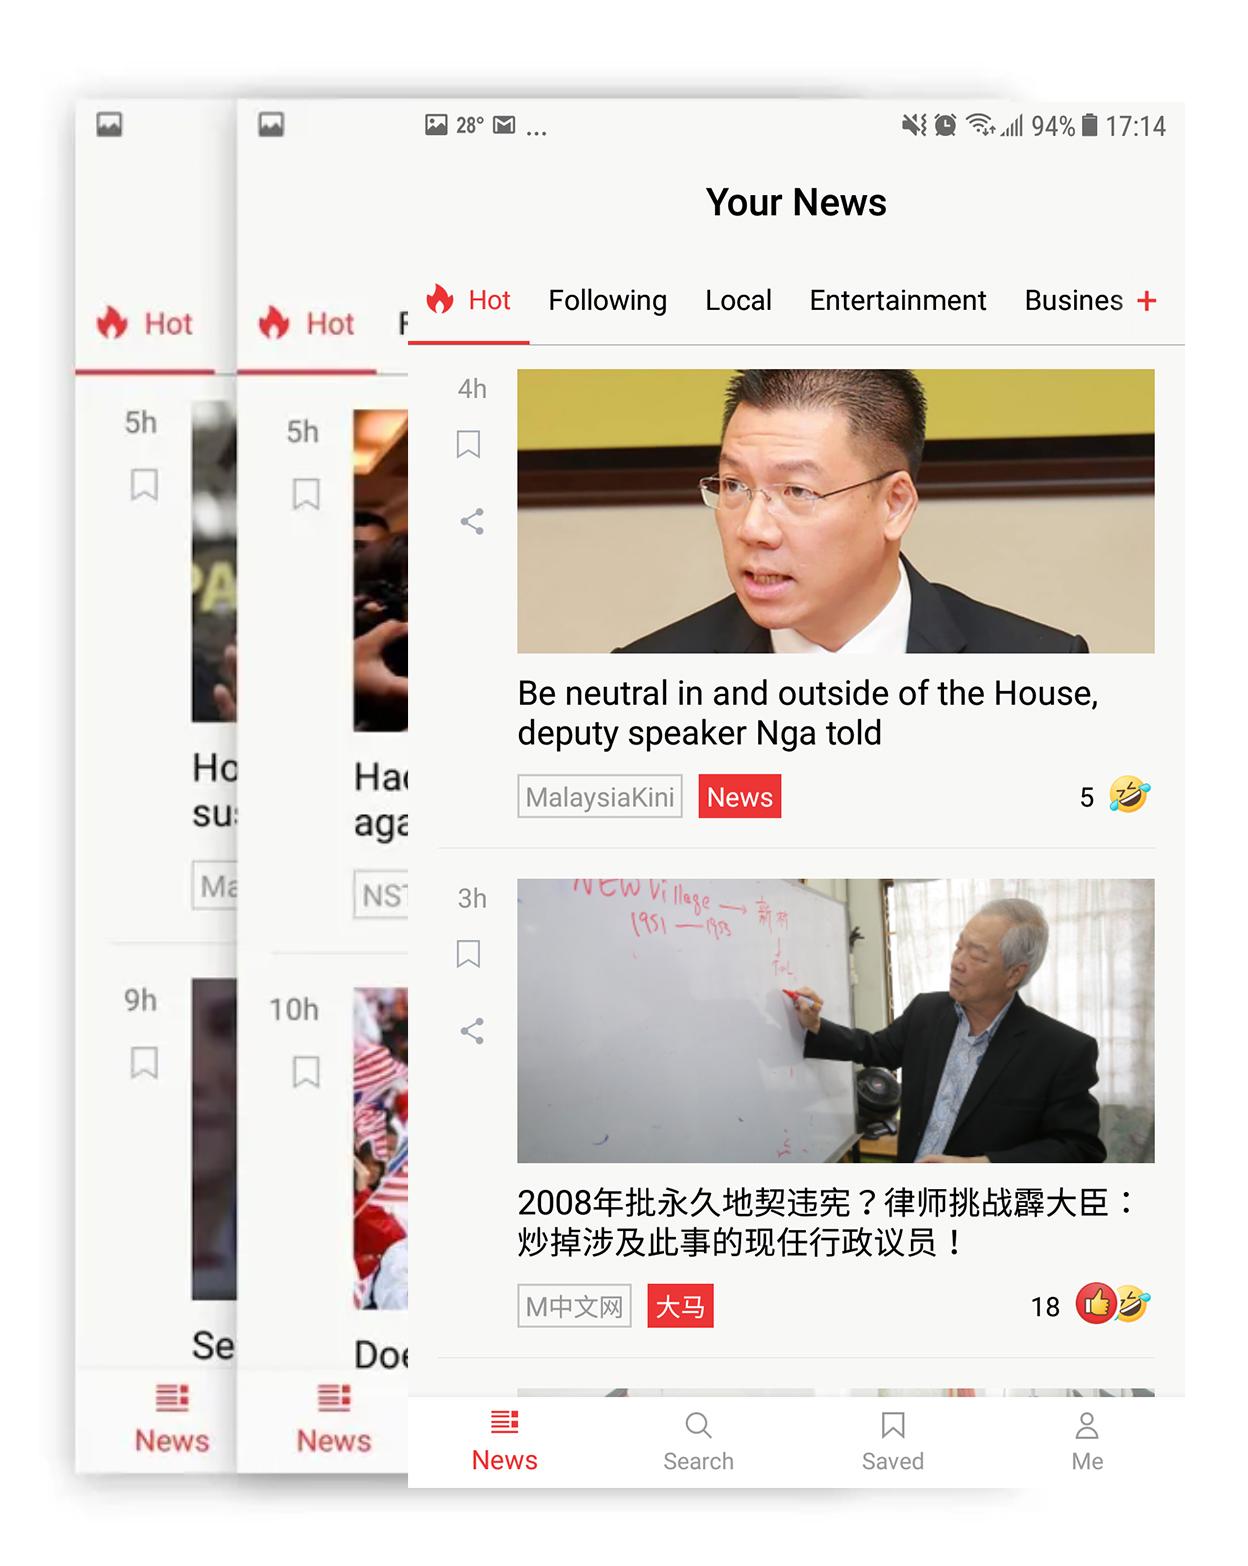 海峡头条推出新加坡与马来西亚中文新闻稿发布服务图2